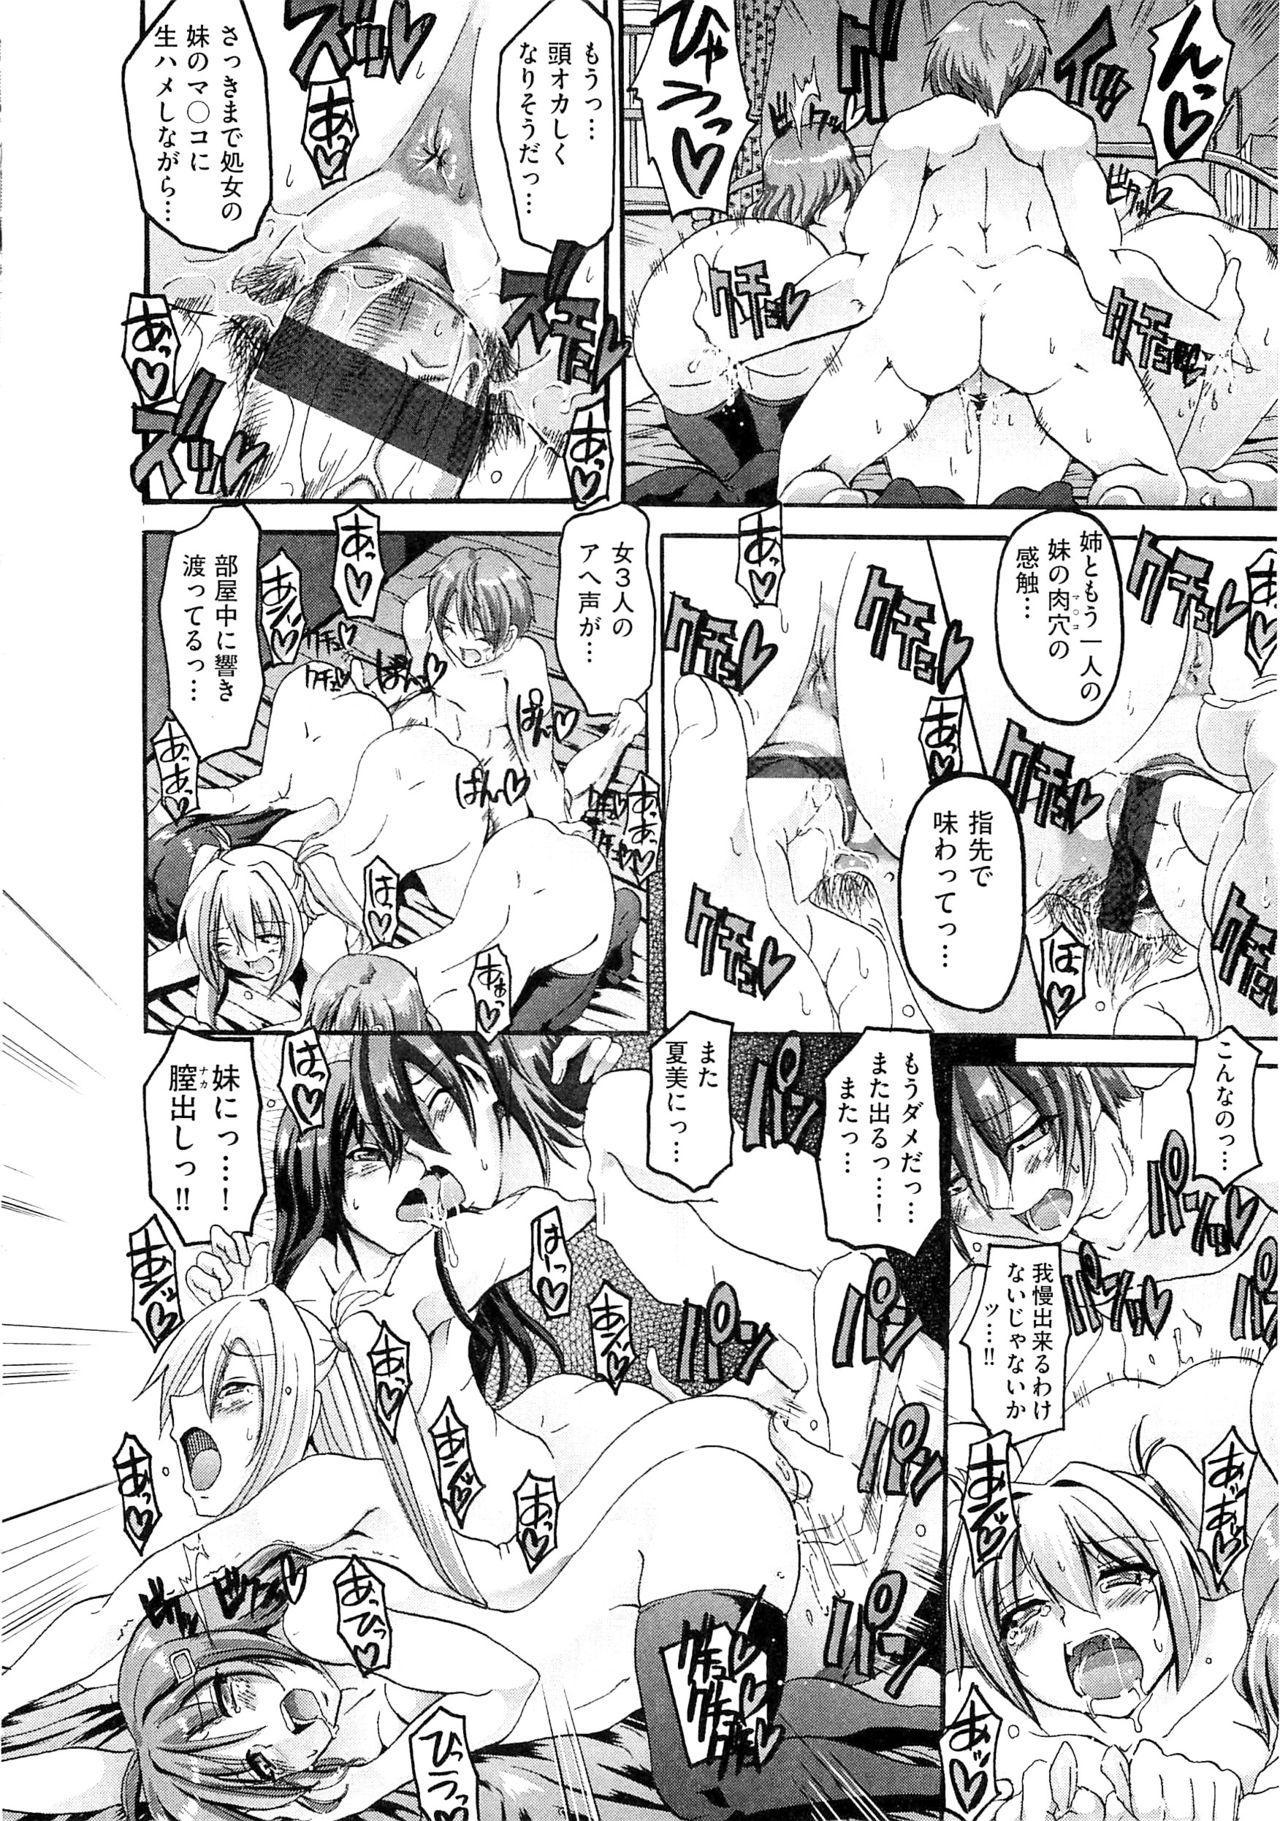 Maid Gakuen e Youkoso!! - Welcome to Maid Academy 191